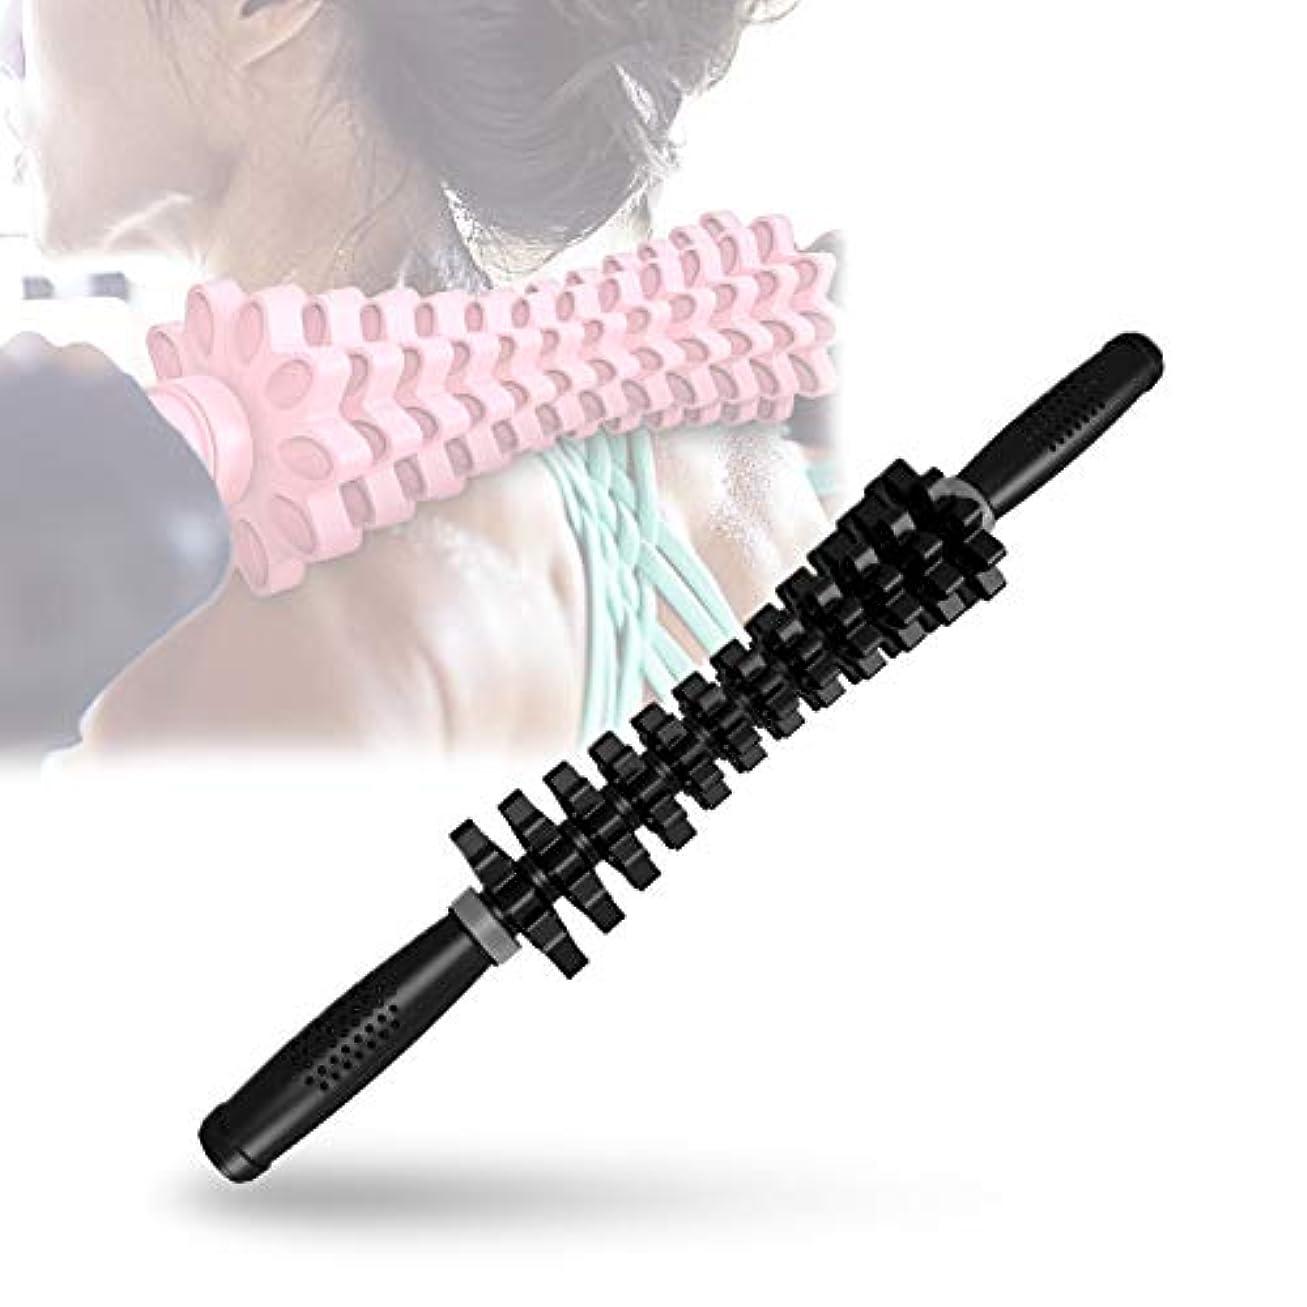 ボードとティーム過度にフォームローラー 筋肉マッサージおよび筋筋膜のトリガーポイント解放のためのギヤマッサージャーの取り外し可能なポリ塩化ビニールの快適な滑り止め,Black